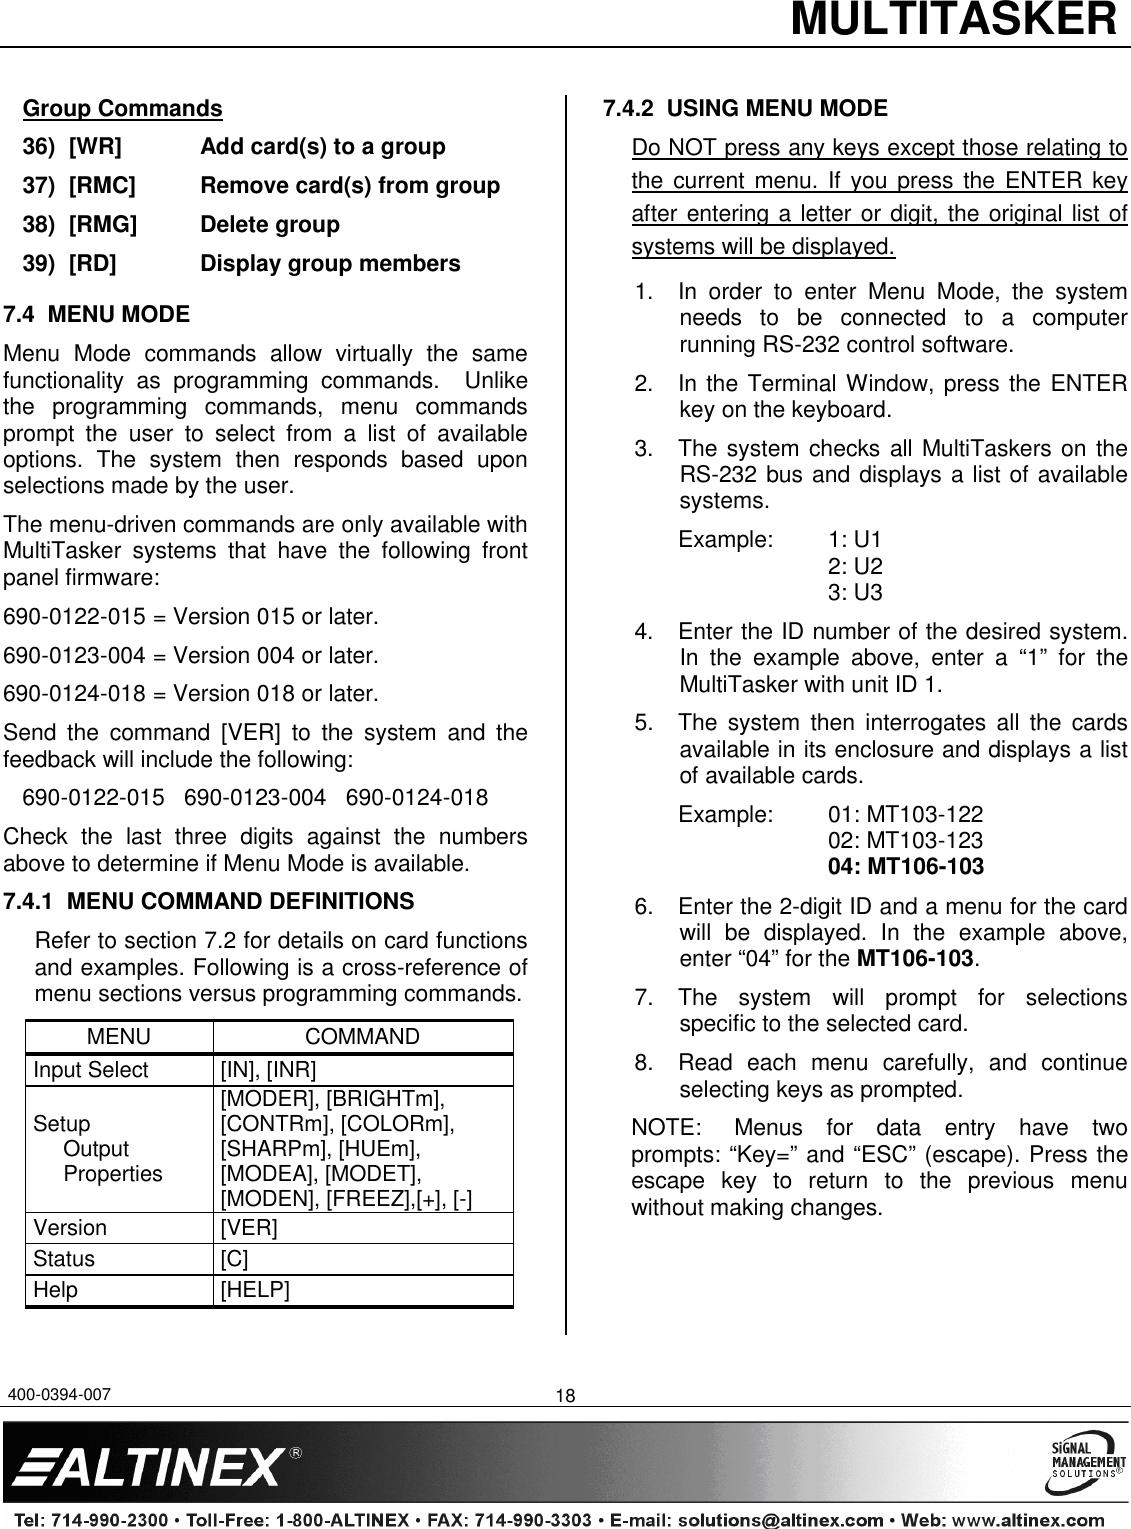 Altinex Mt106 103 Users Manual 400 0394 007